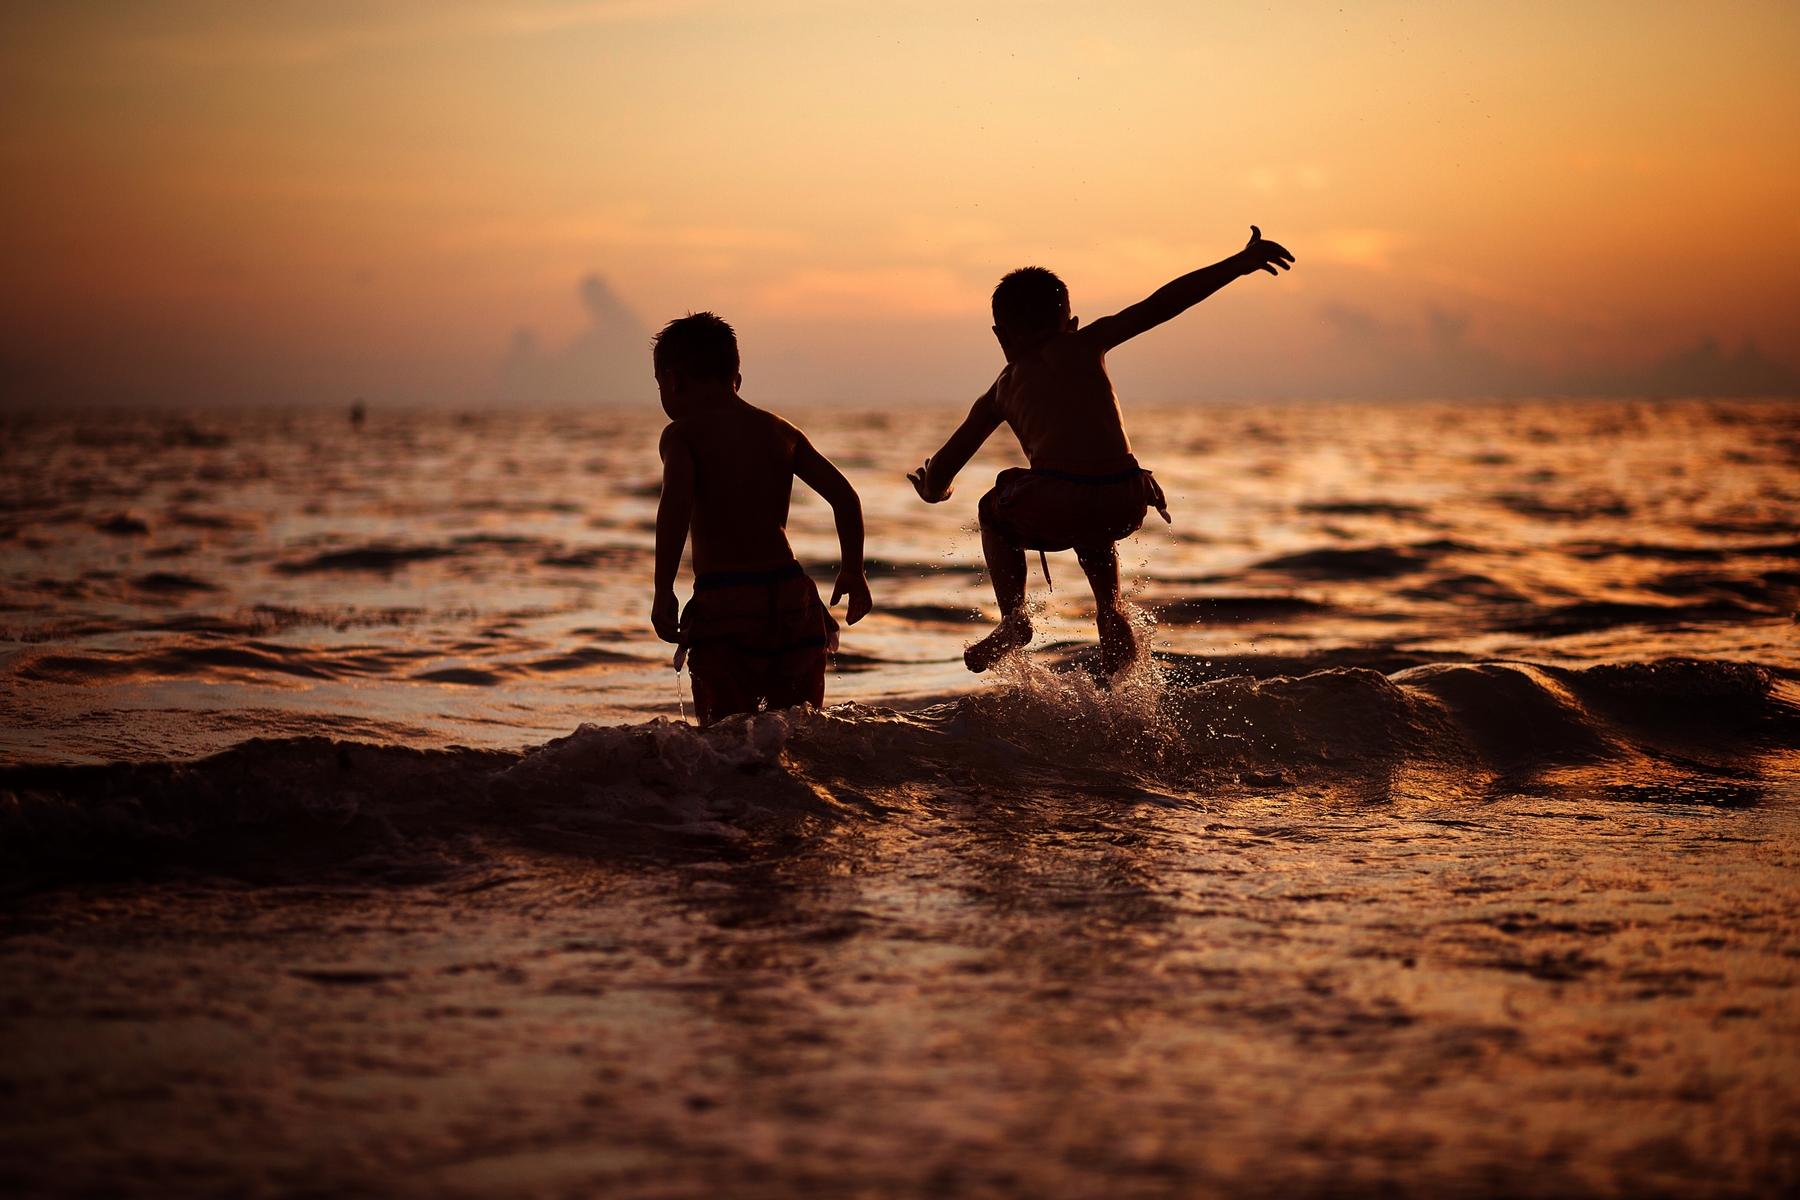 開闊的海灘視野覺得能讓你感受身心都被療癒的暢快感